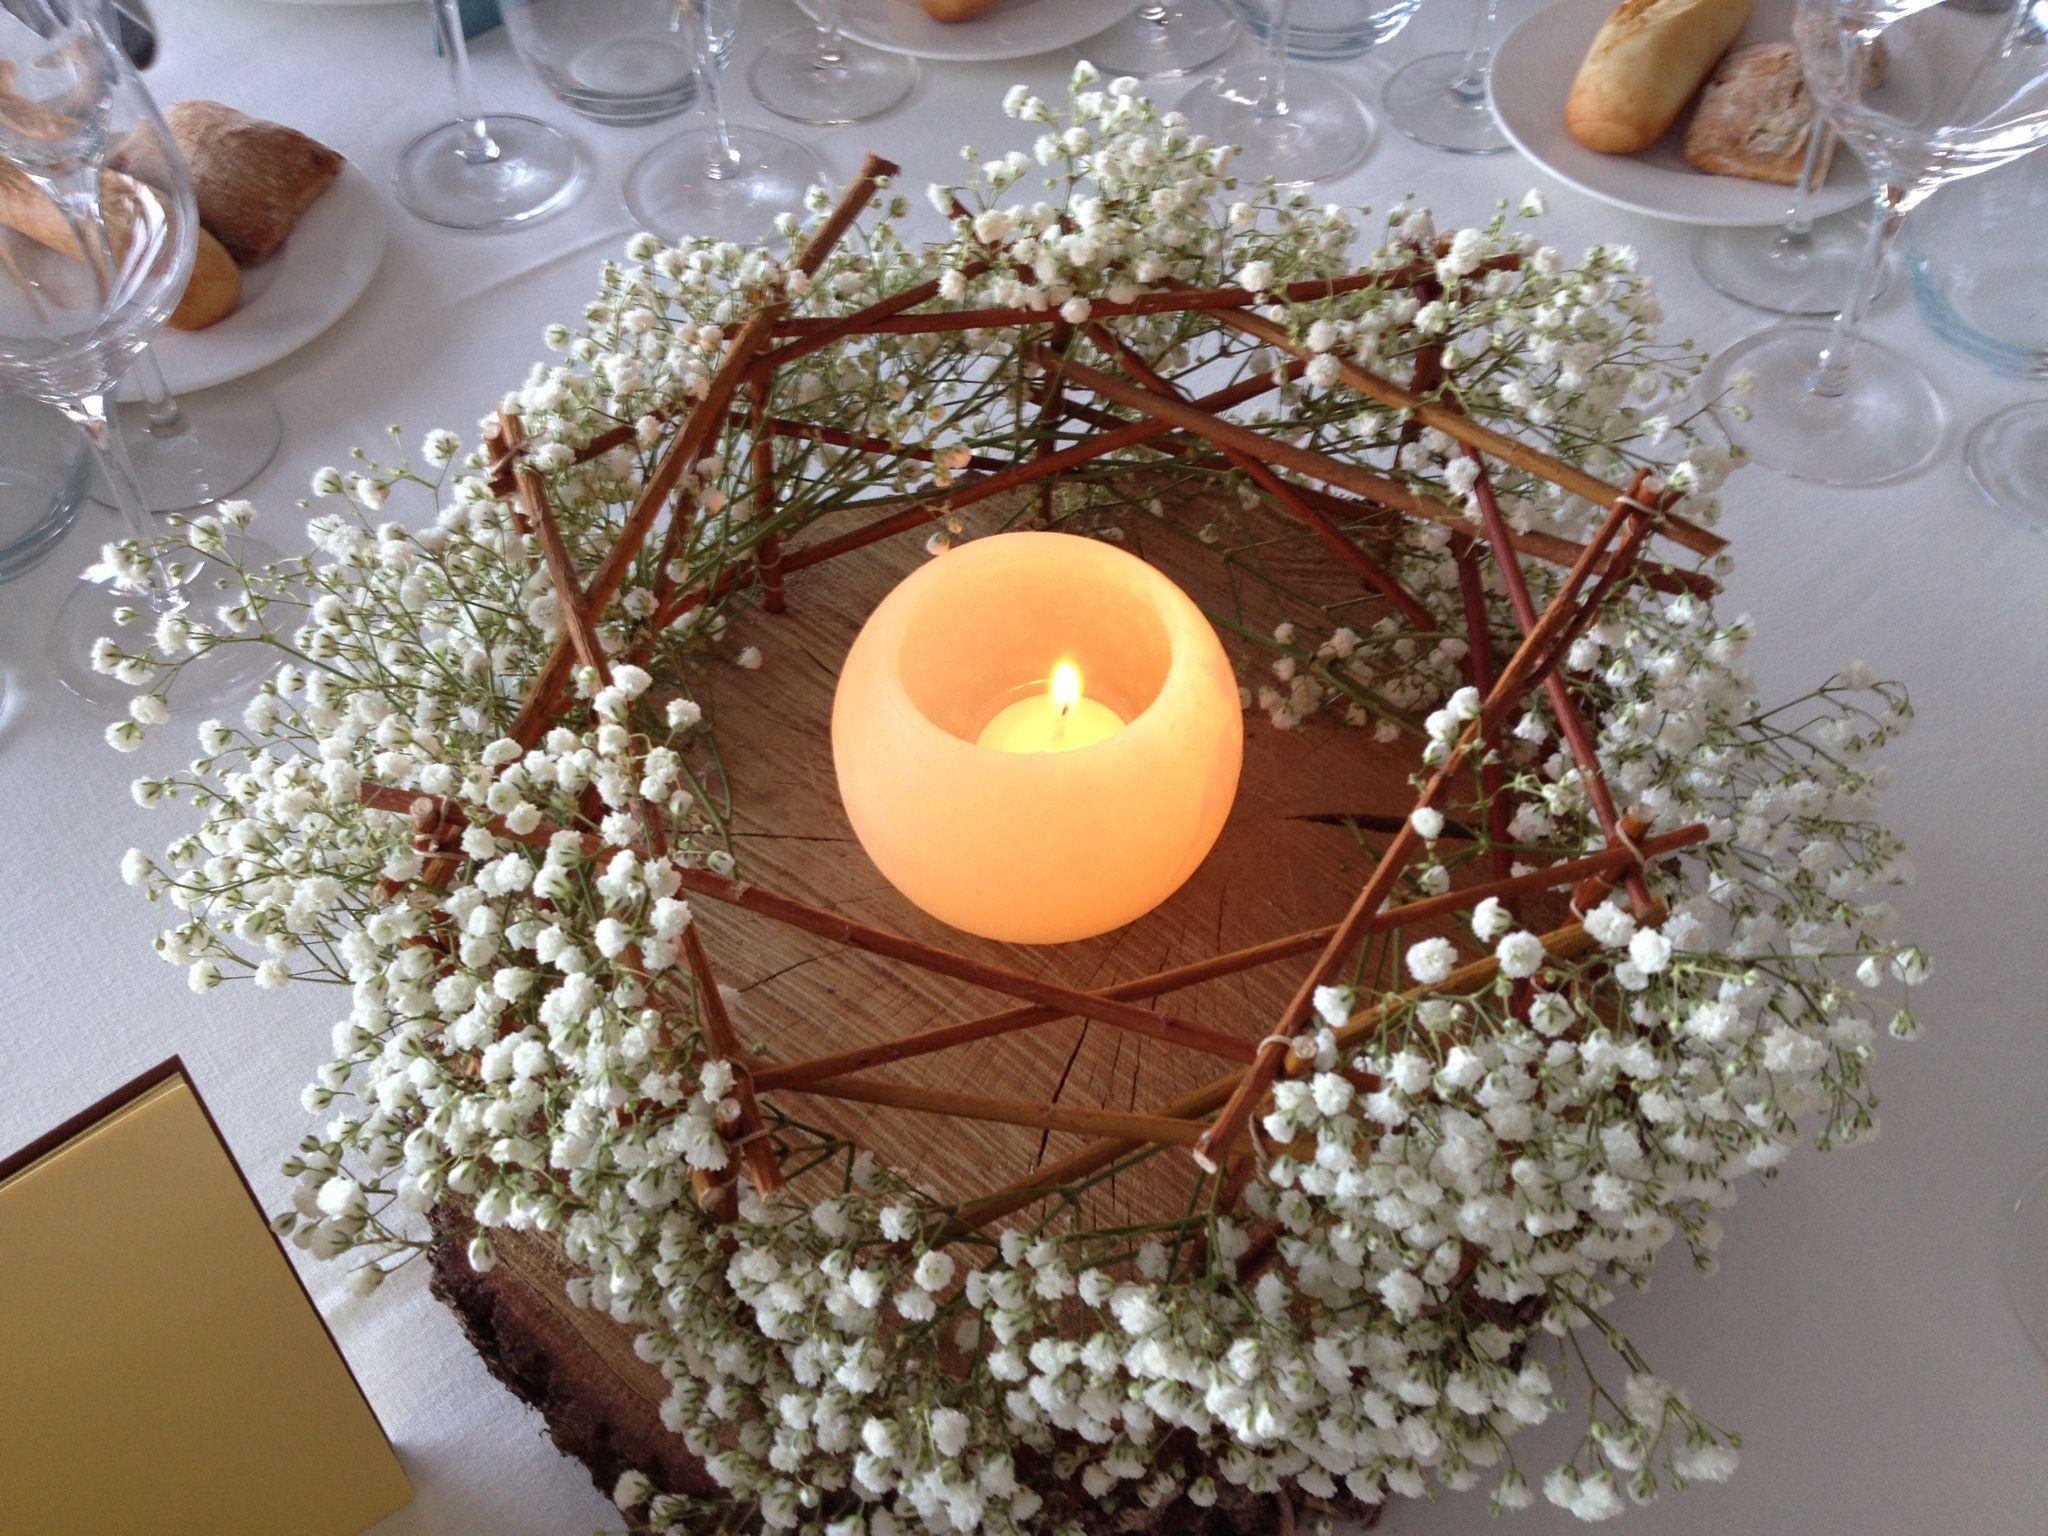 Estructura de troncos con paniculata y velas flores - Centro de mesa rustico ...